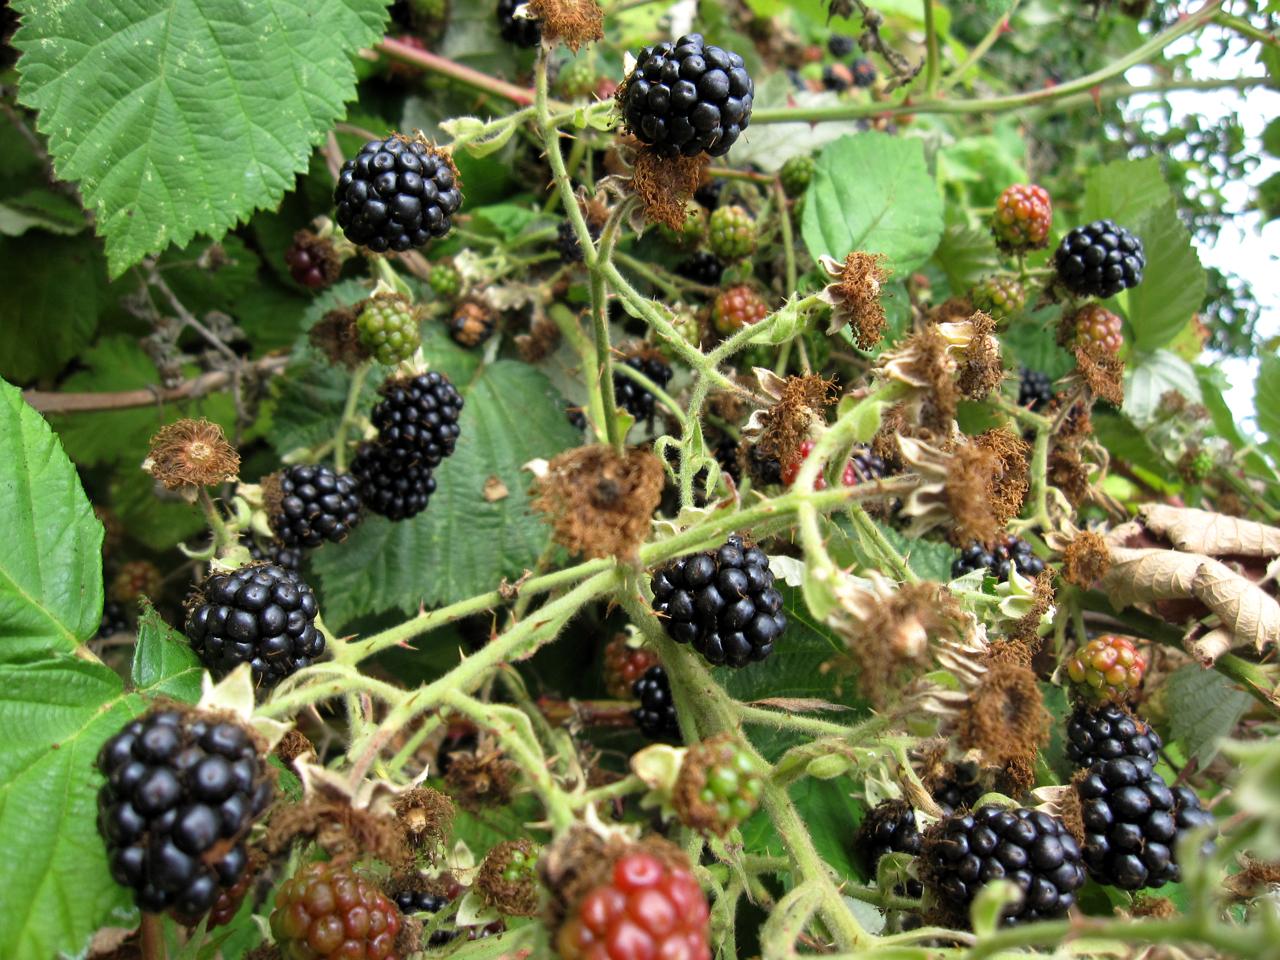 Blackberry picking in washington